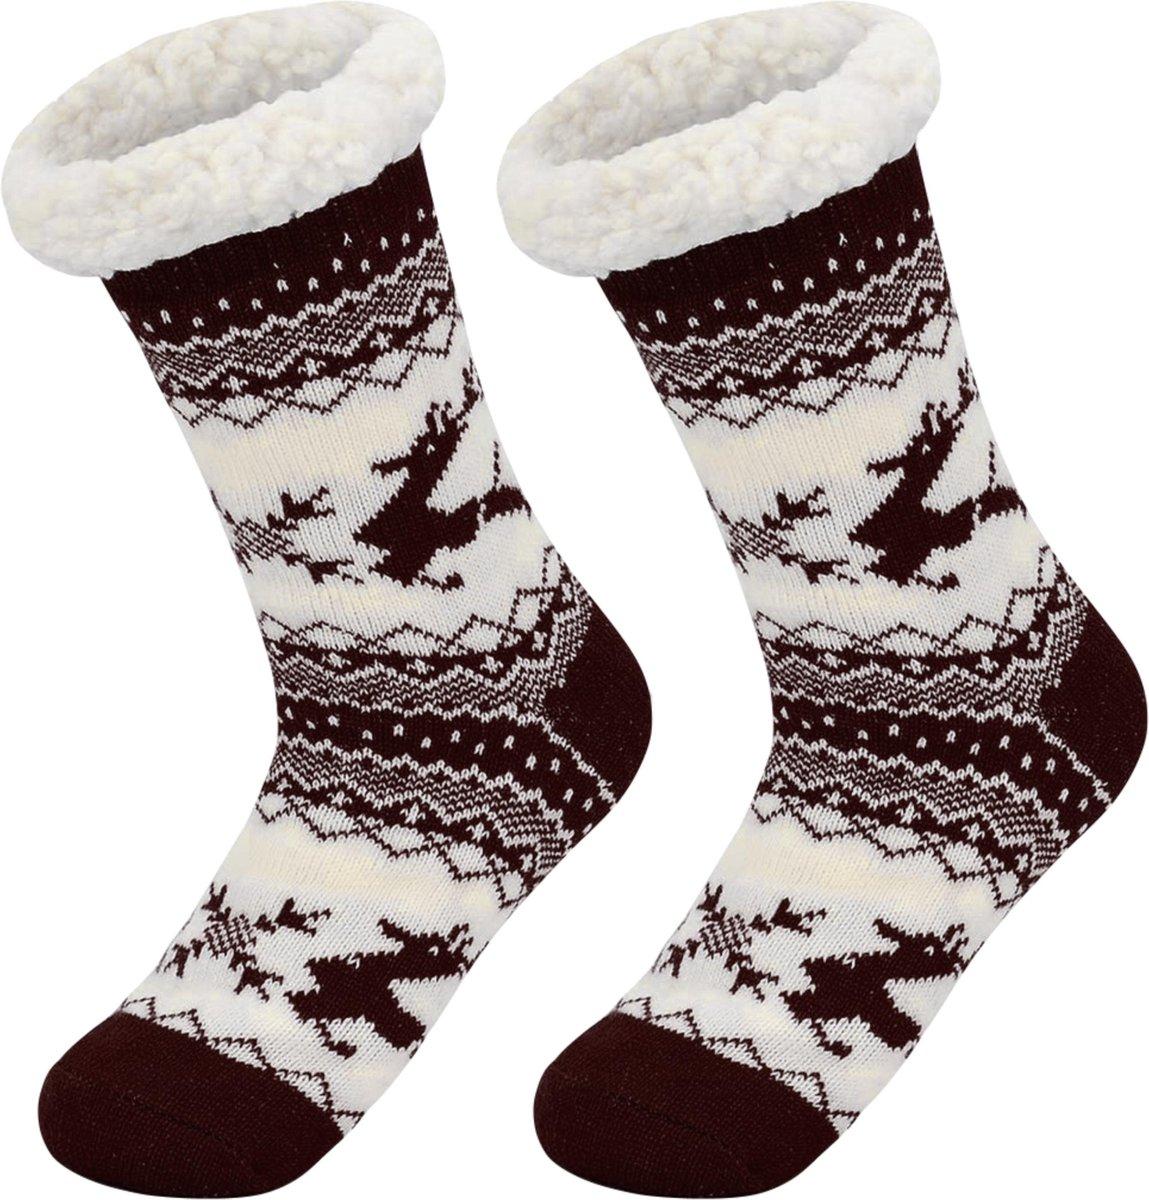 JAXY - Huissokken Dames - Verwarmde Sokken - Anti Slip Sokken - Huissokken - Bedsokken - Warme Sokken - Kerstcadeau Voor Vrouwen - Thermosokken - Dikke Sokken - Fluffy Sokken - Kerstsokken Dames en Heren - Hert Bruin